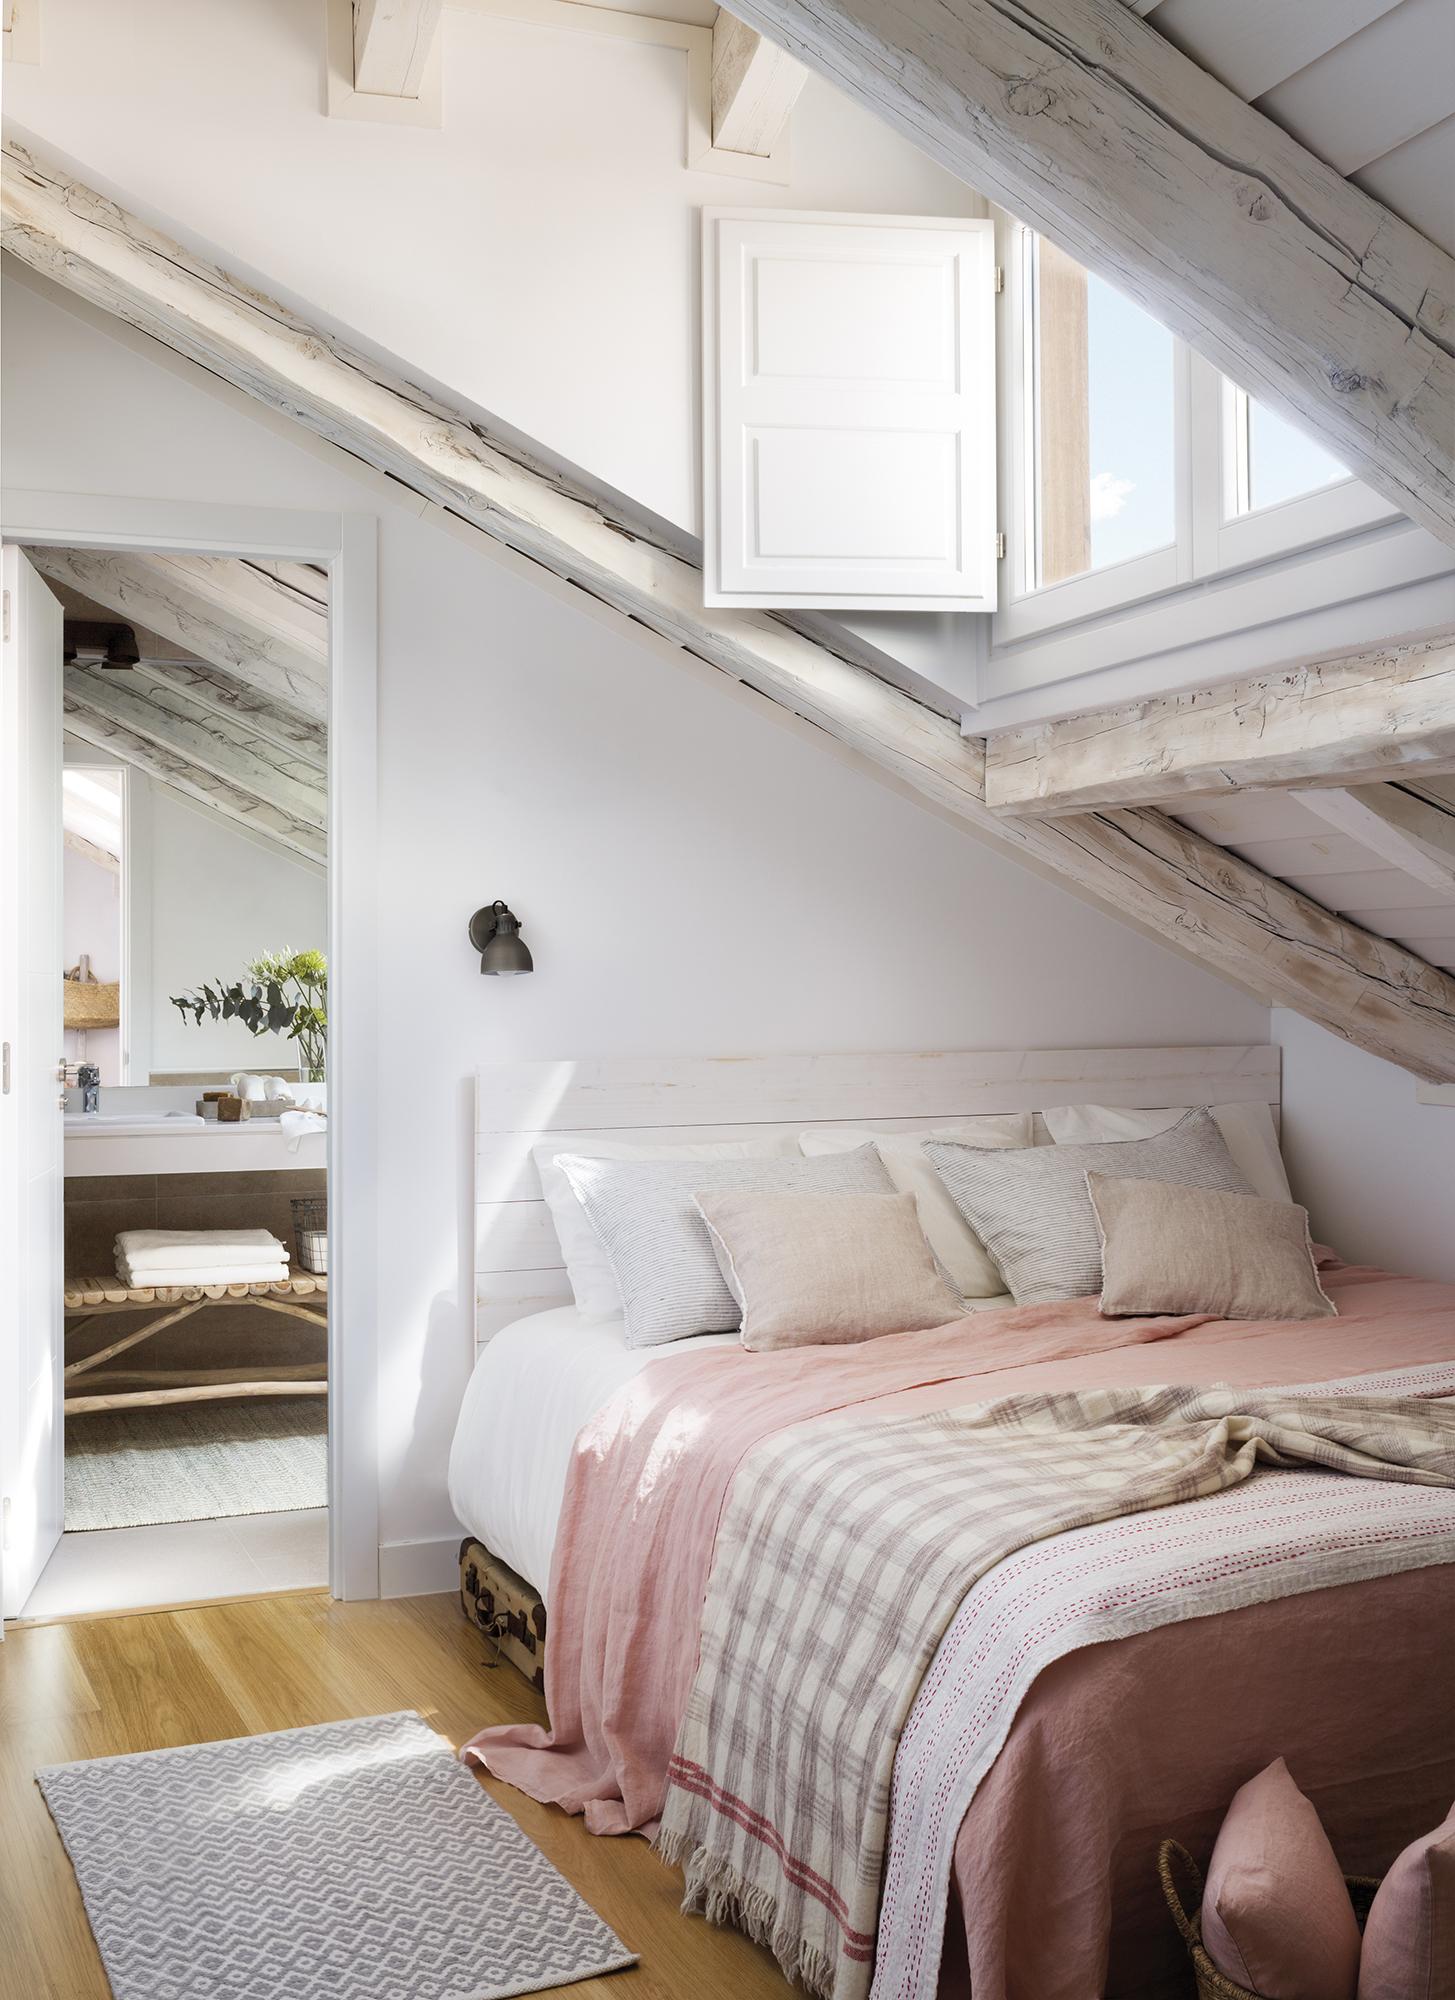 Camere Da Letto Piu Belle Del Mondo 10 errori da non fare in una camera da letto in mansarda